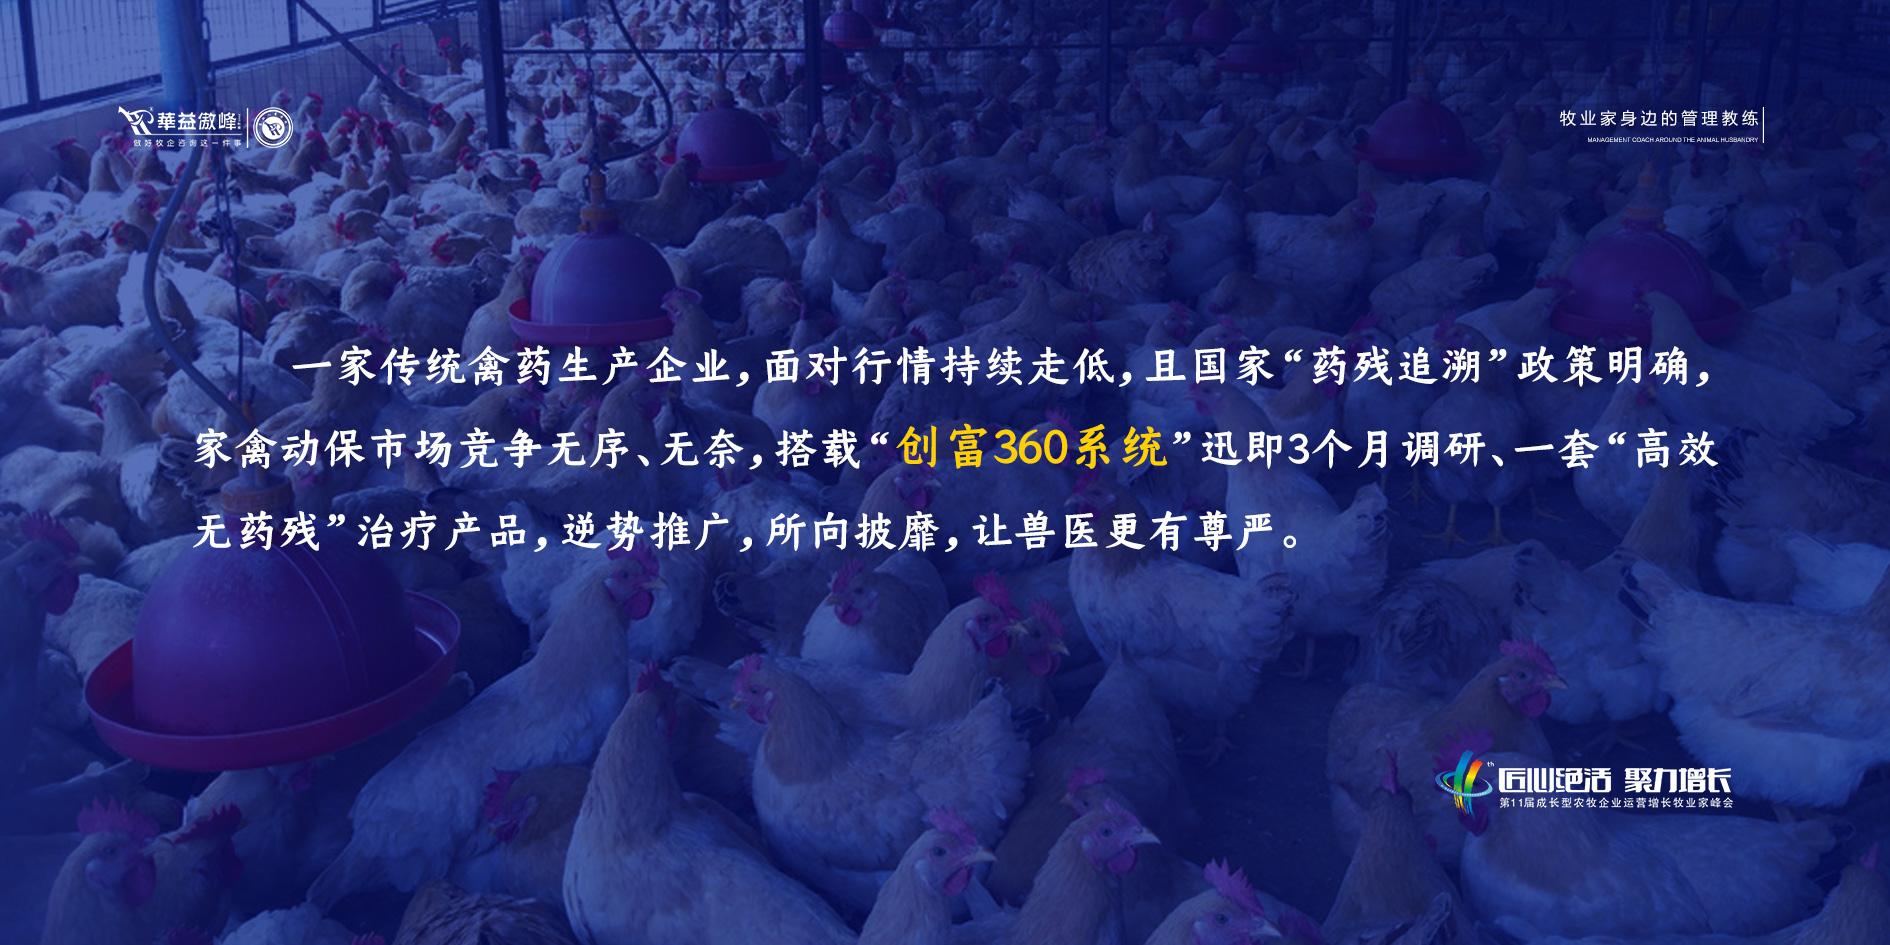 《匠心绝活 聚力增长》第11届成长型农牧企业运营增长牧业家峰会